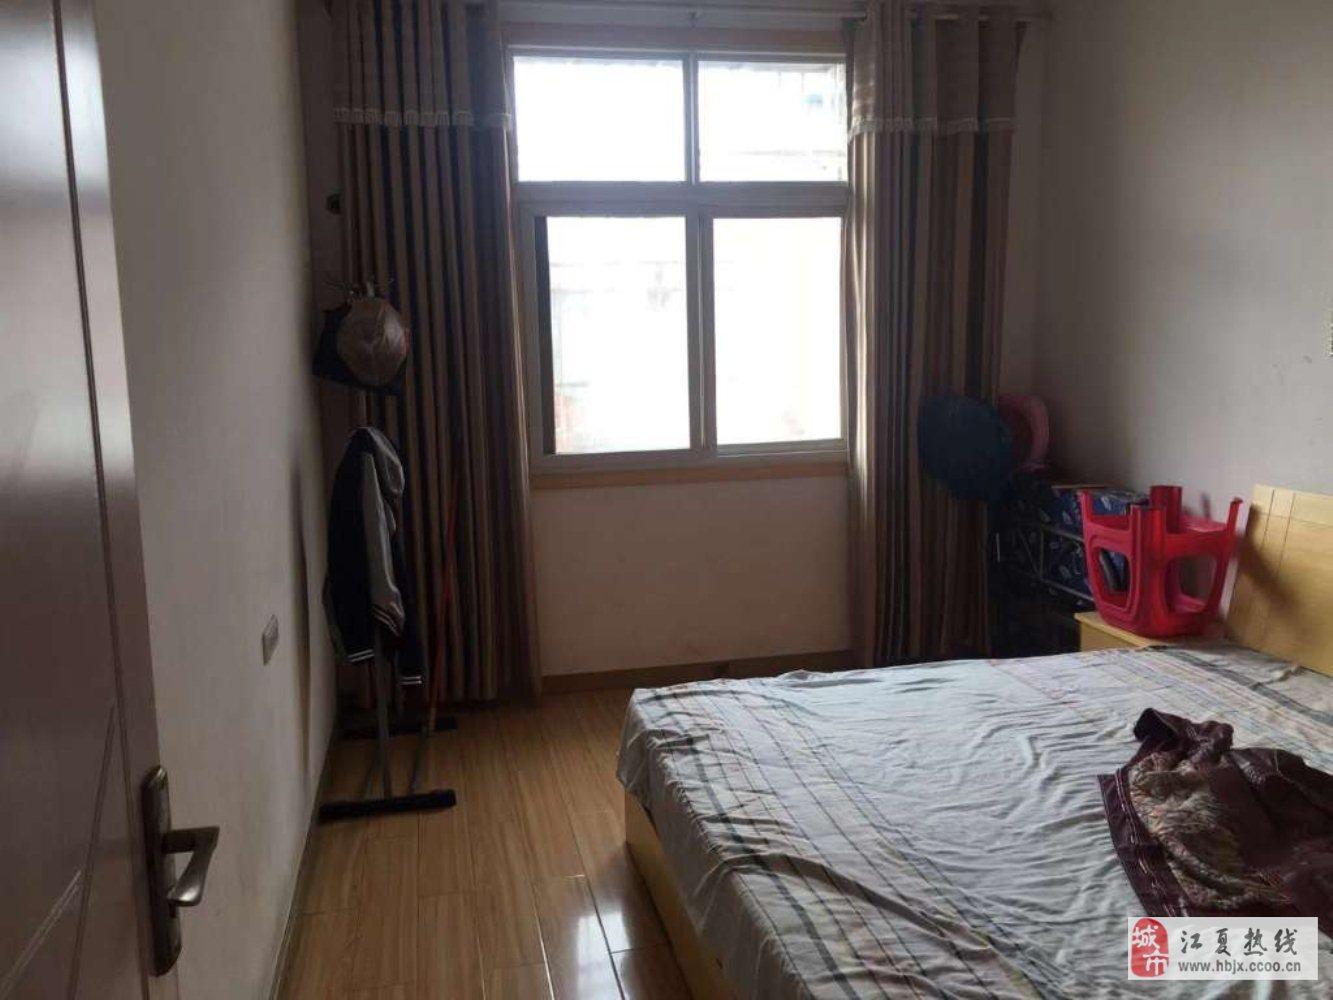 龙井公寓3室2厅1卫65万元价格可谈